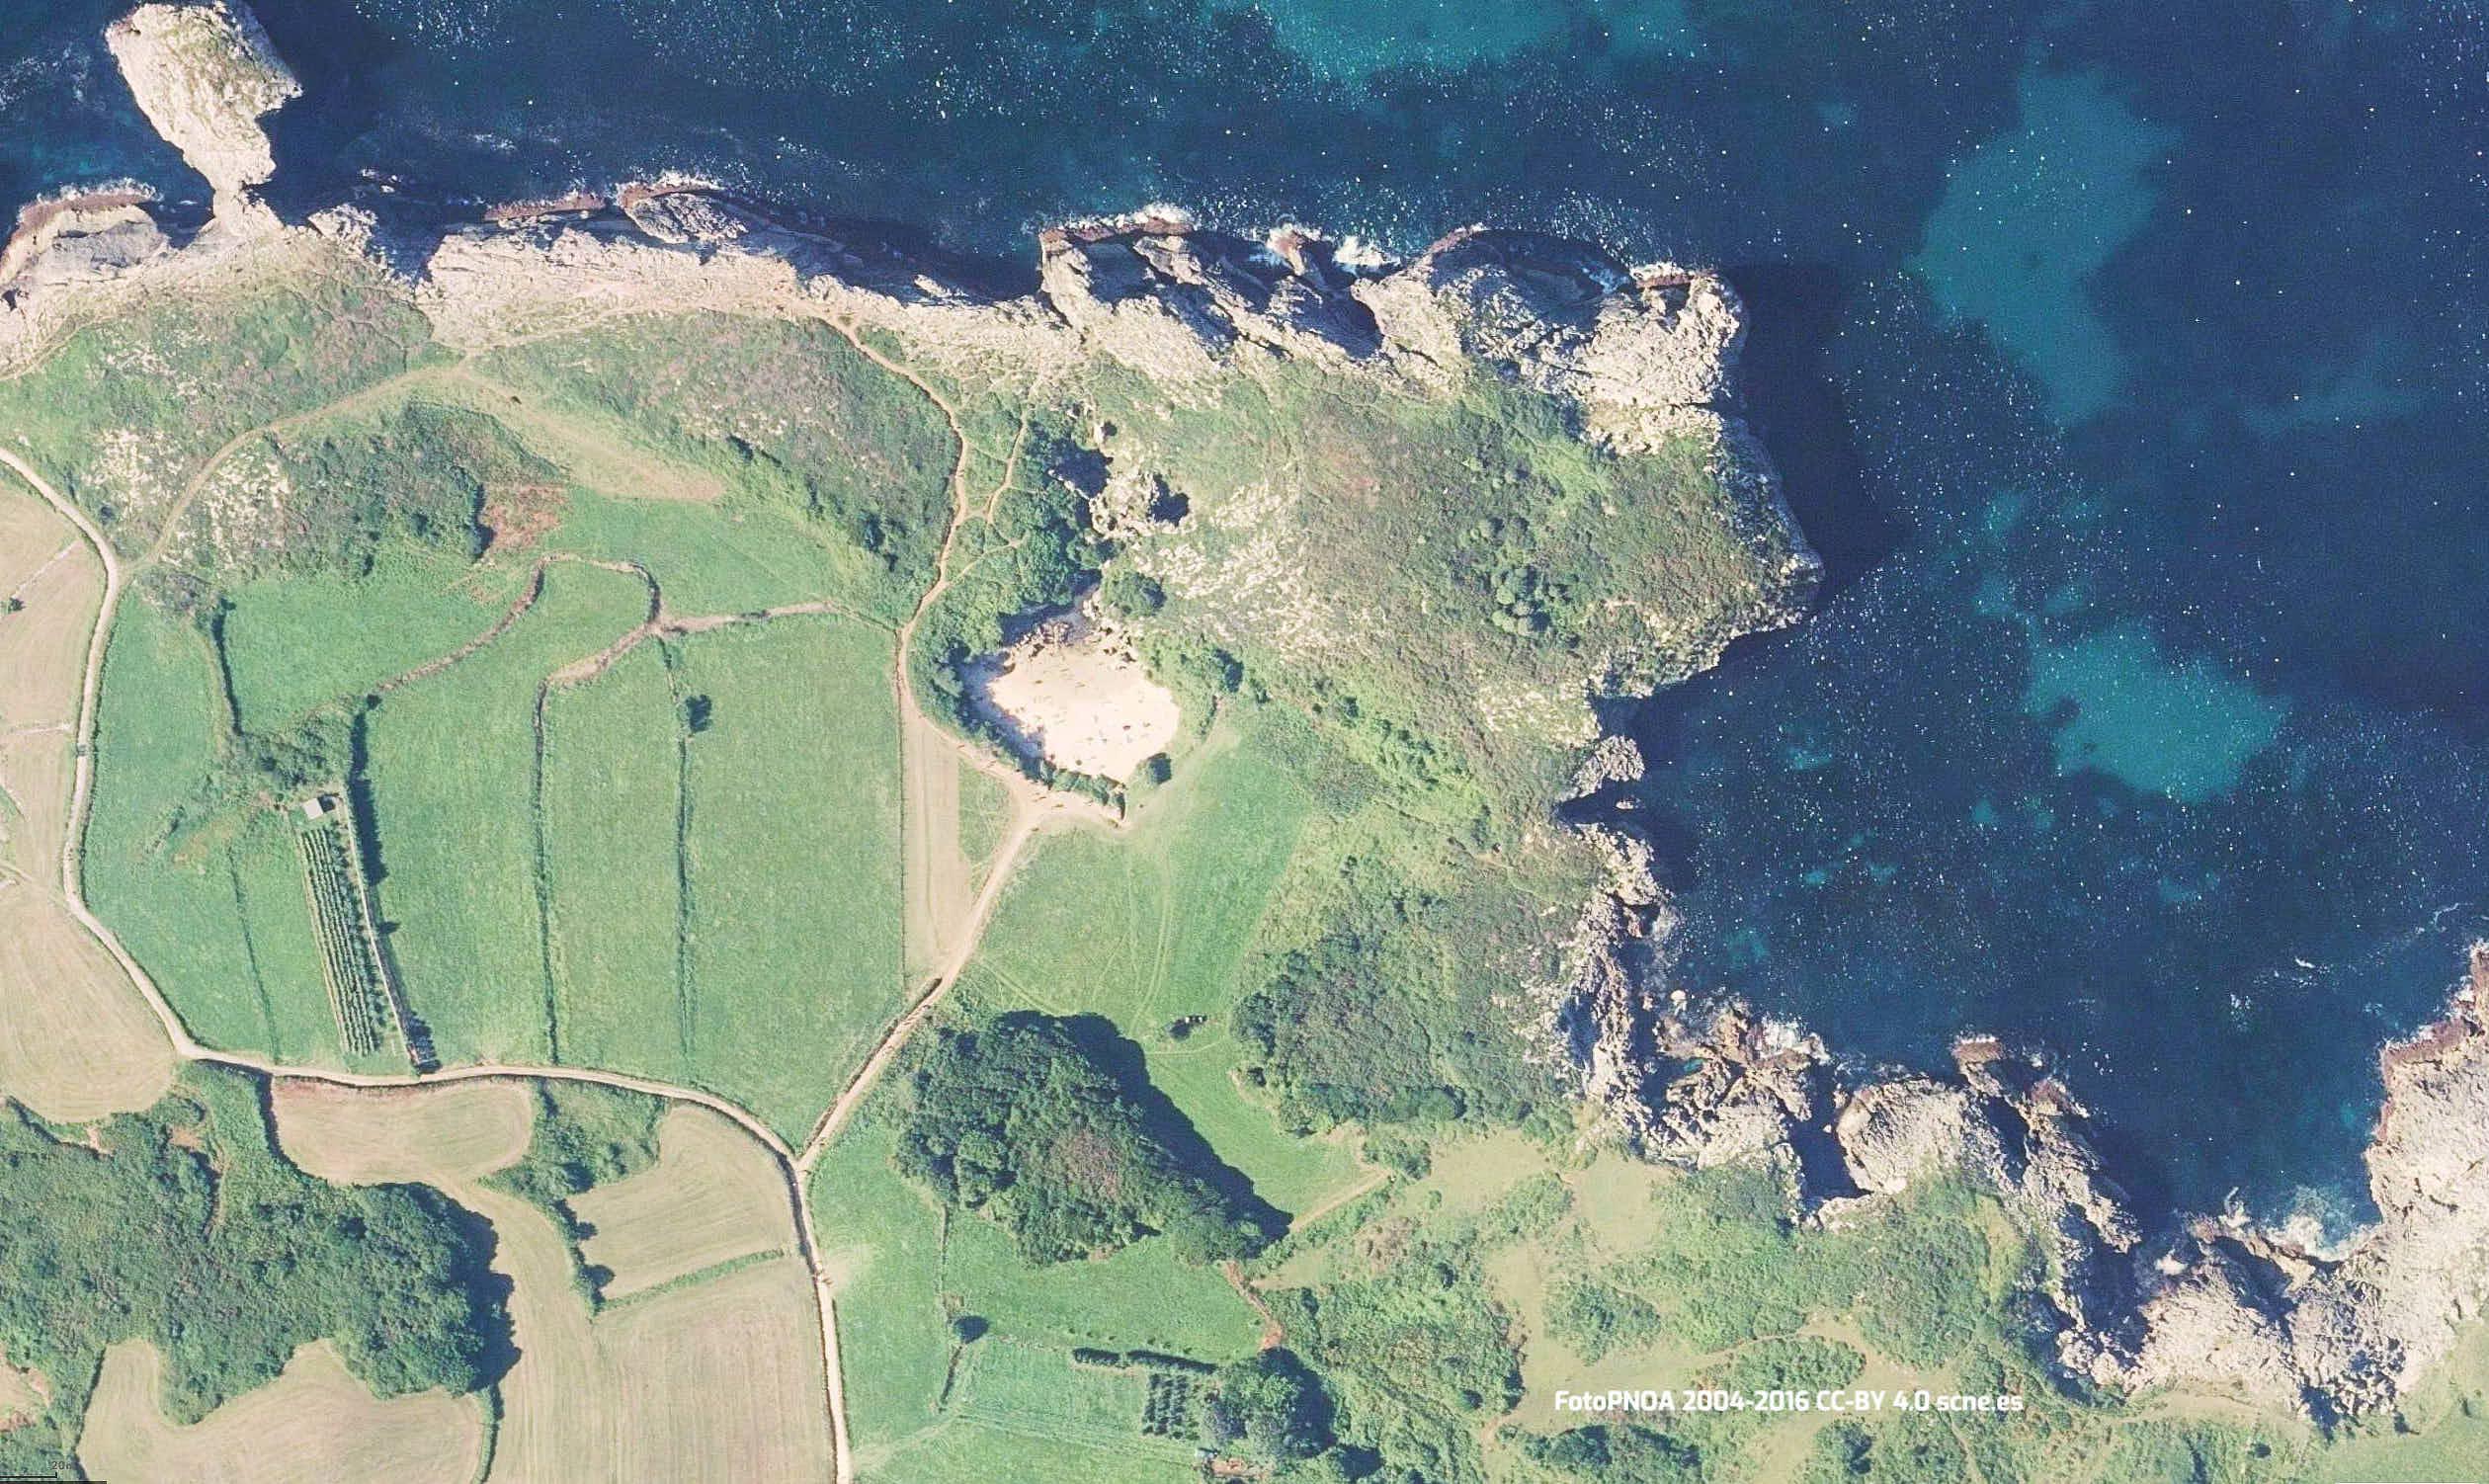 Vista aerea de la playa de Gulpiyuri en Llanes, Asturias